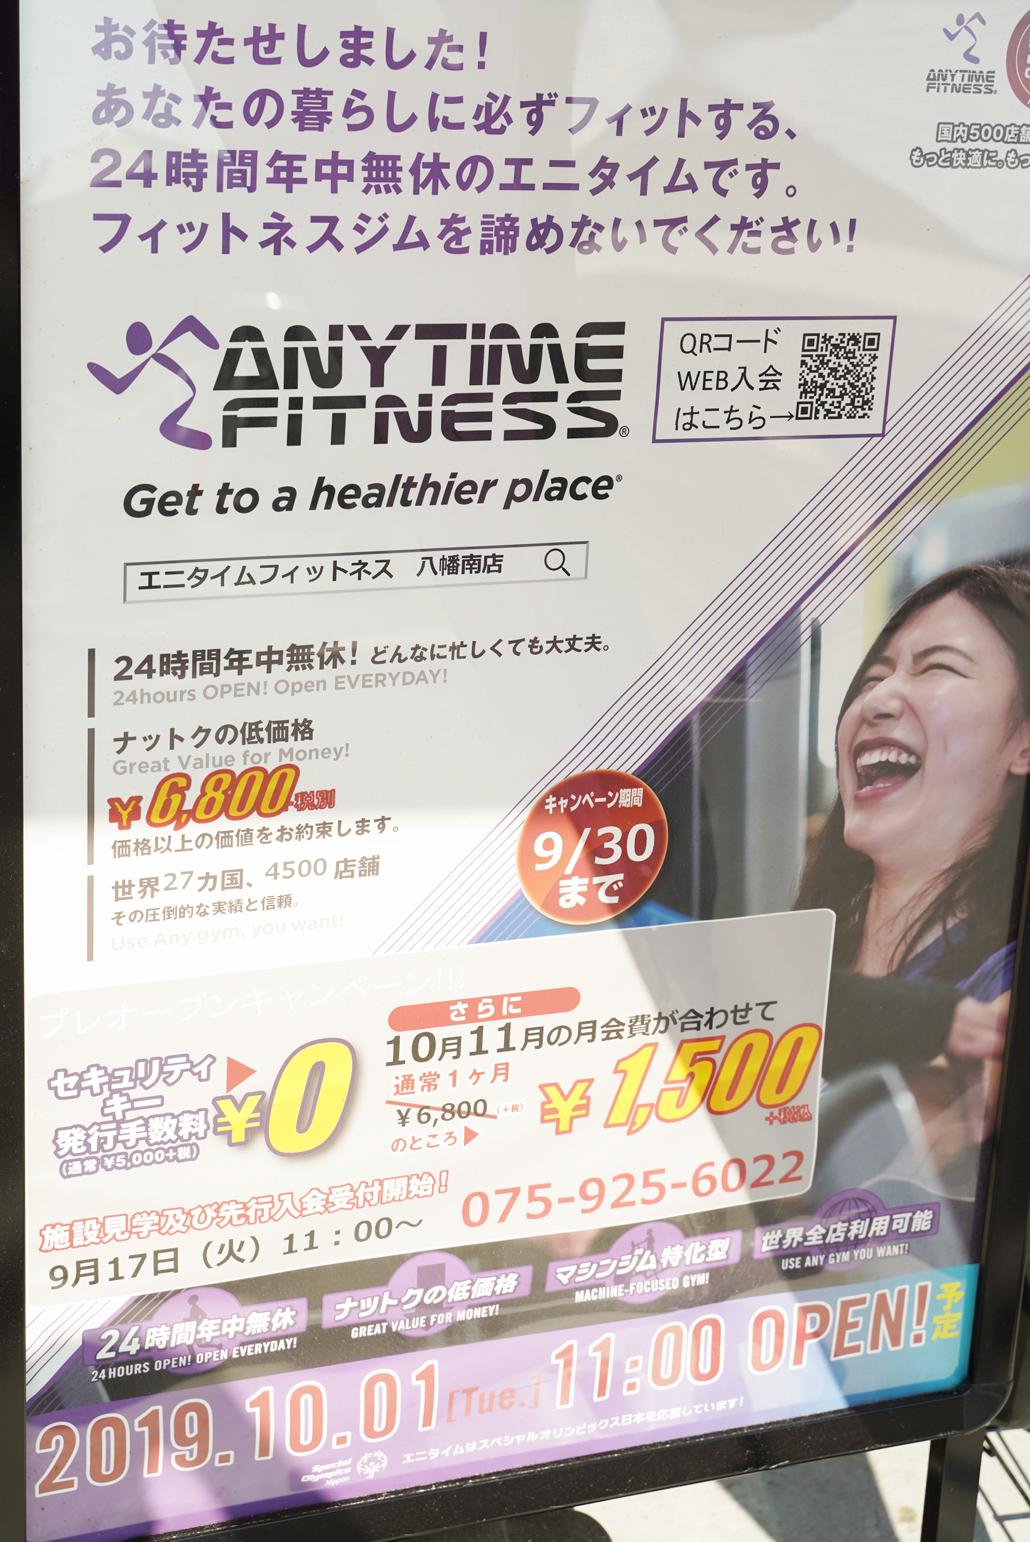 エニタイムフィットネス八幡南店ポスター画像